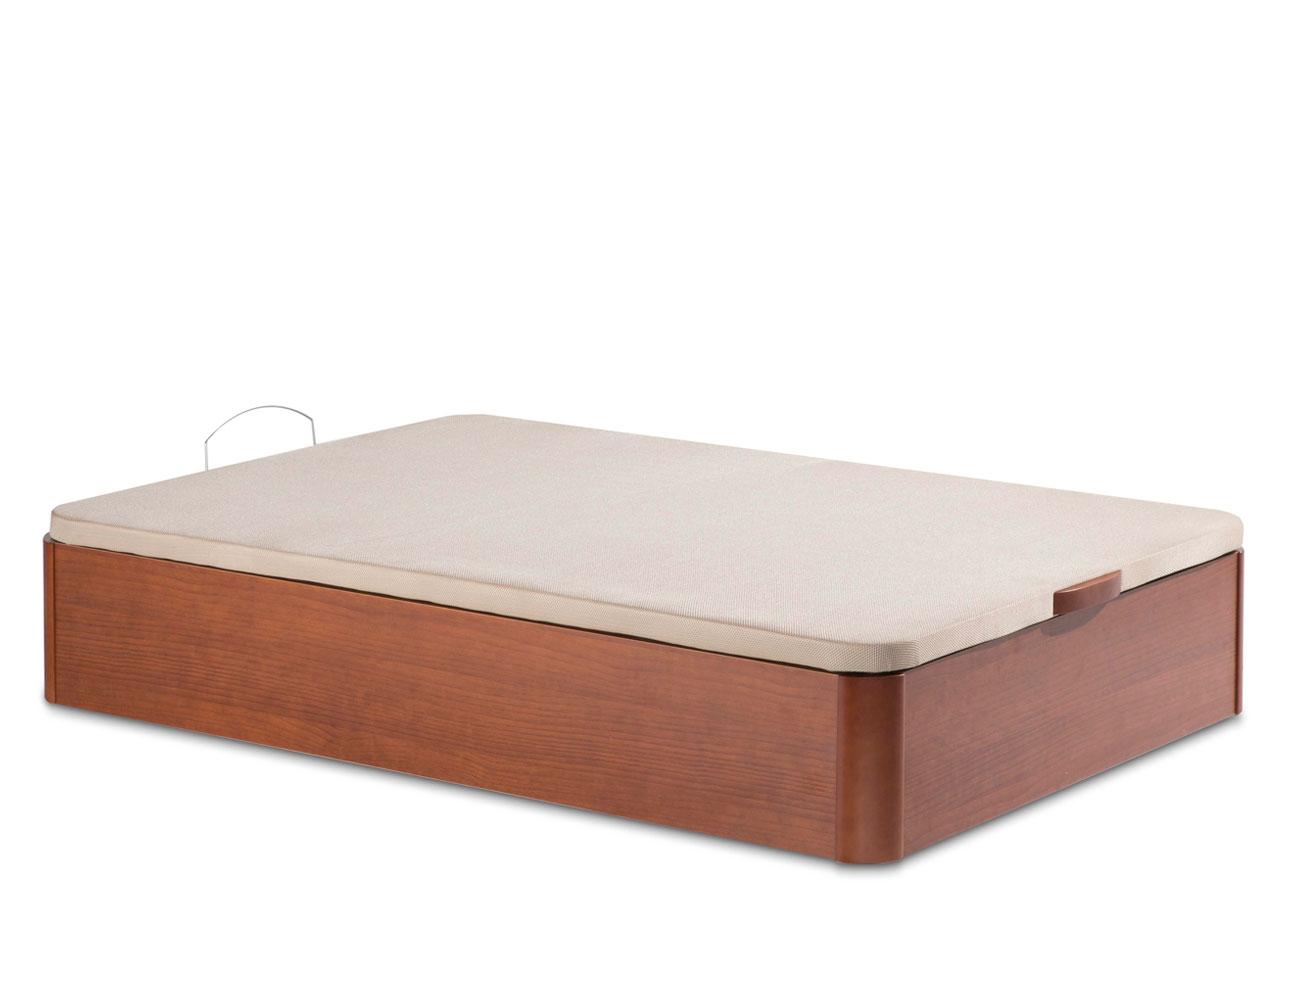 Canape madera base 3d 731